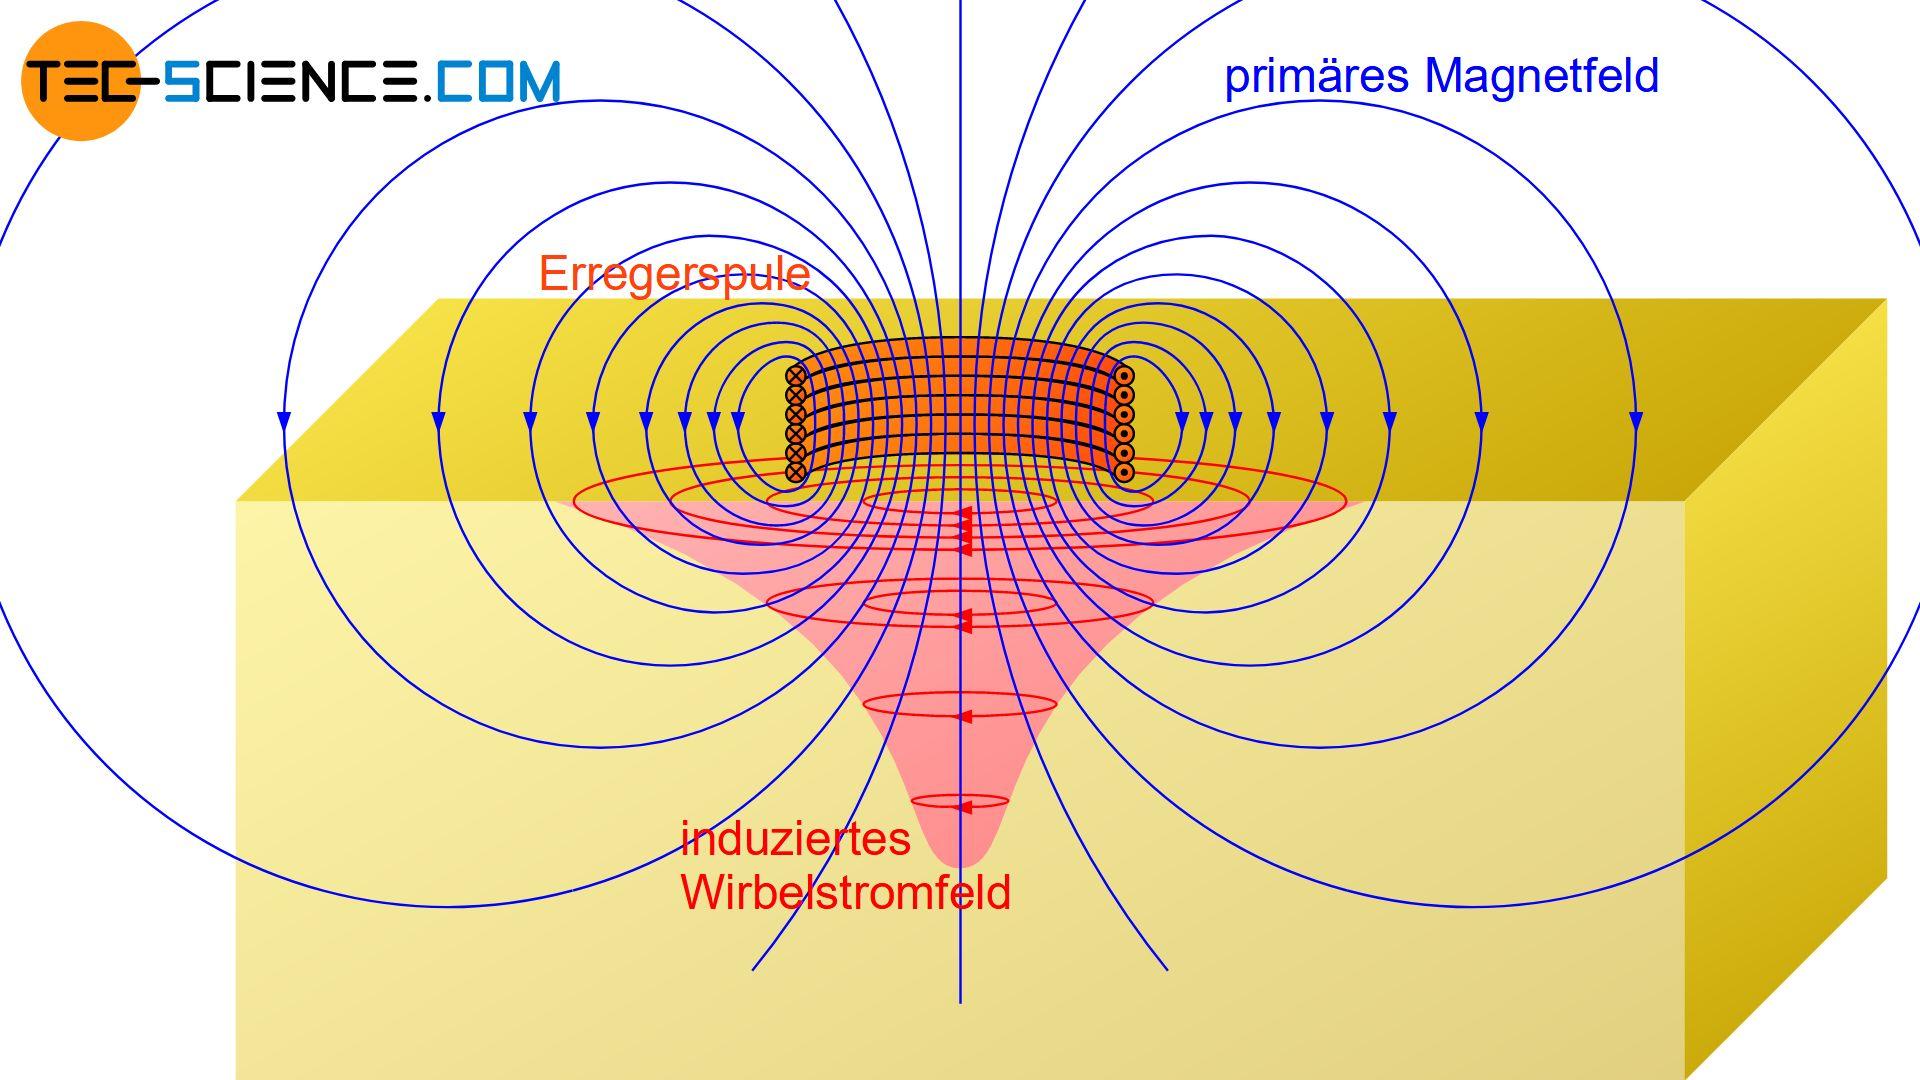 Induktion von Wirbelströmen durch primäres Magnetfeld